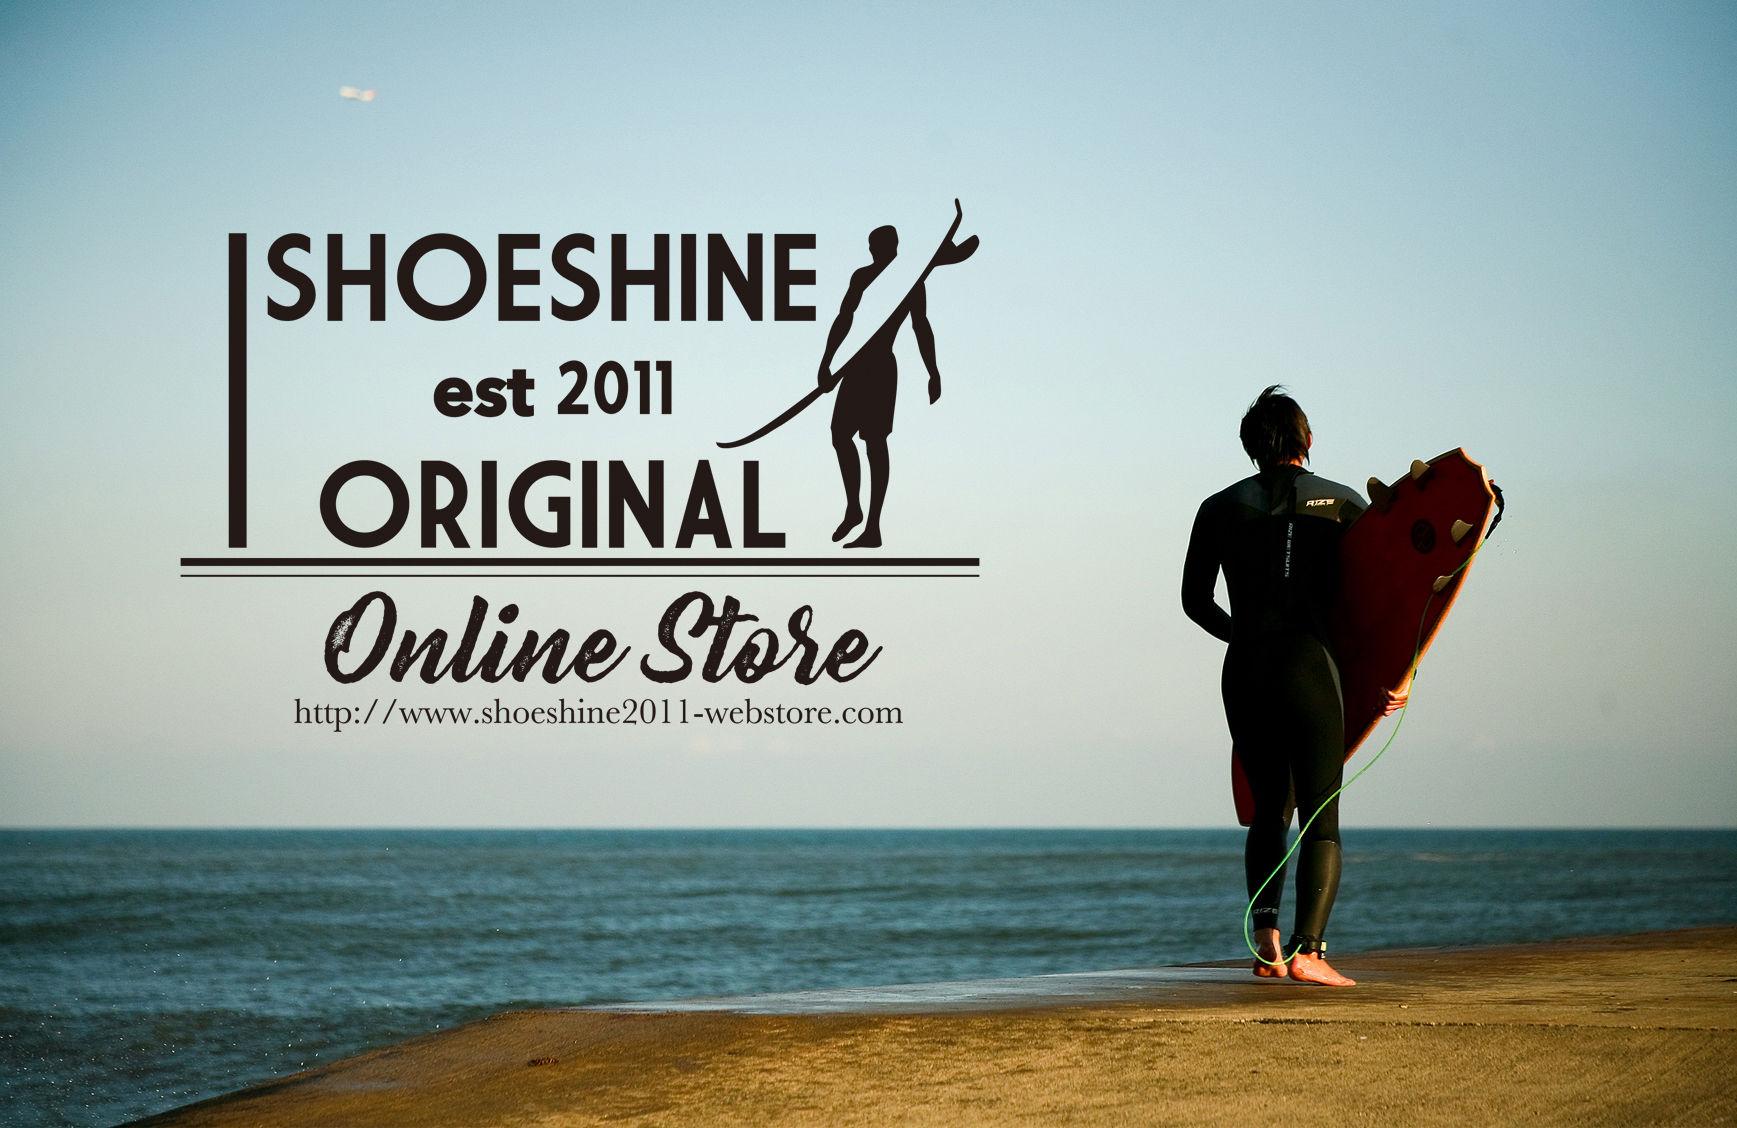 Shoeshine Original EST2011